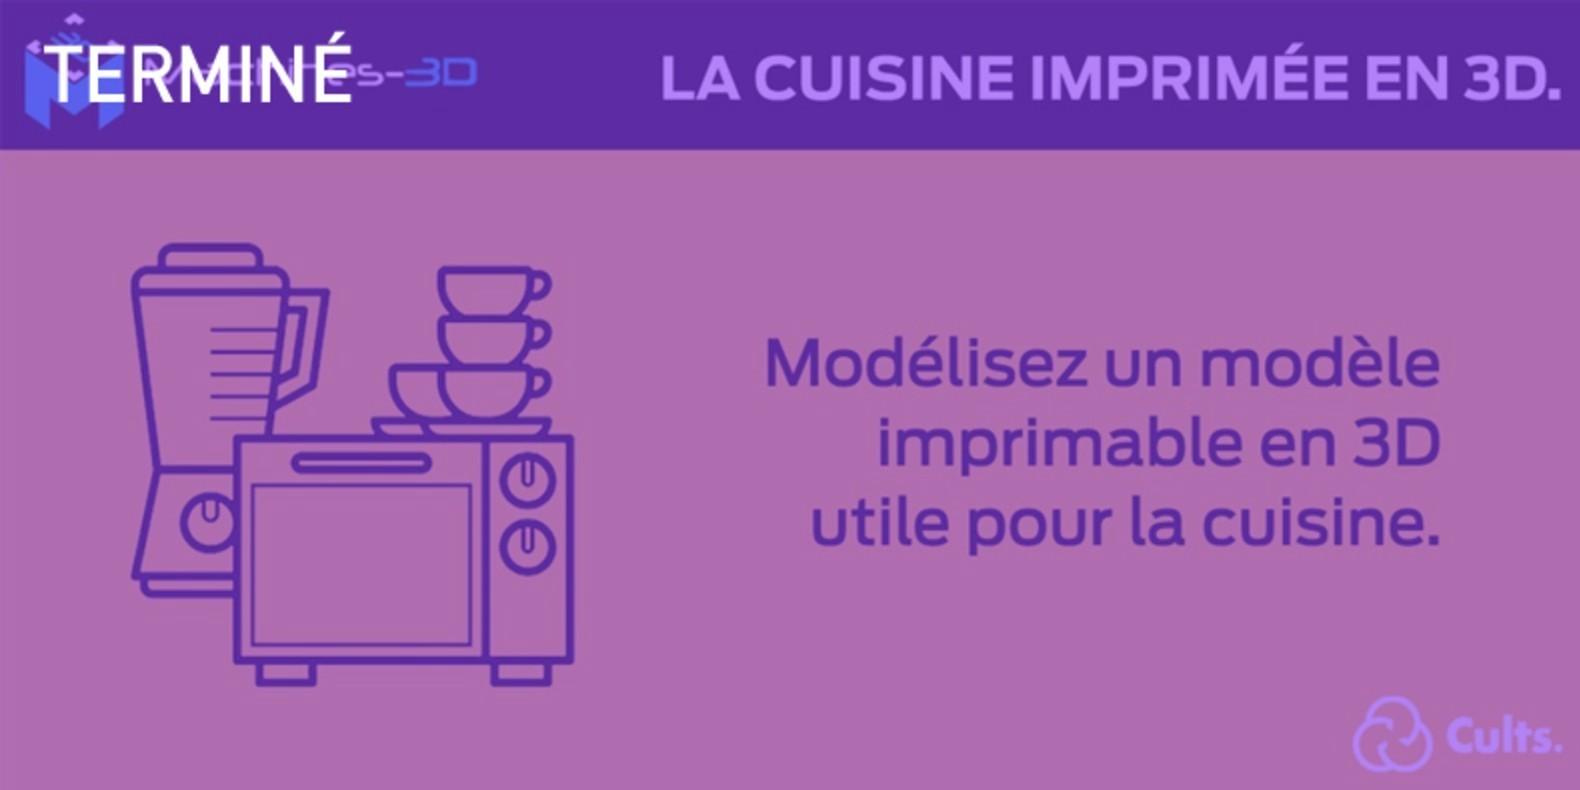 Le challenge du design et de l'impression 3D autour de la cuisine.